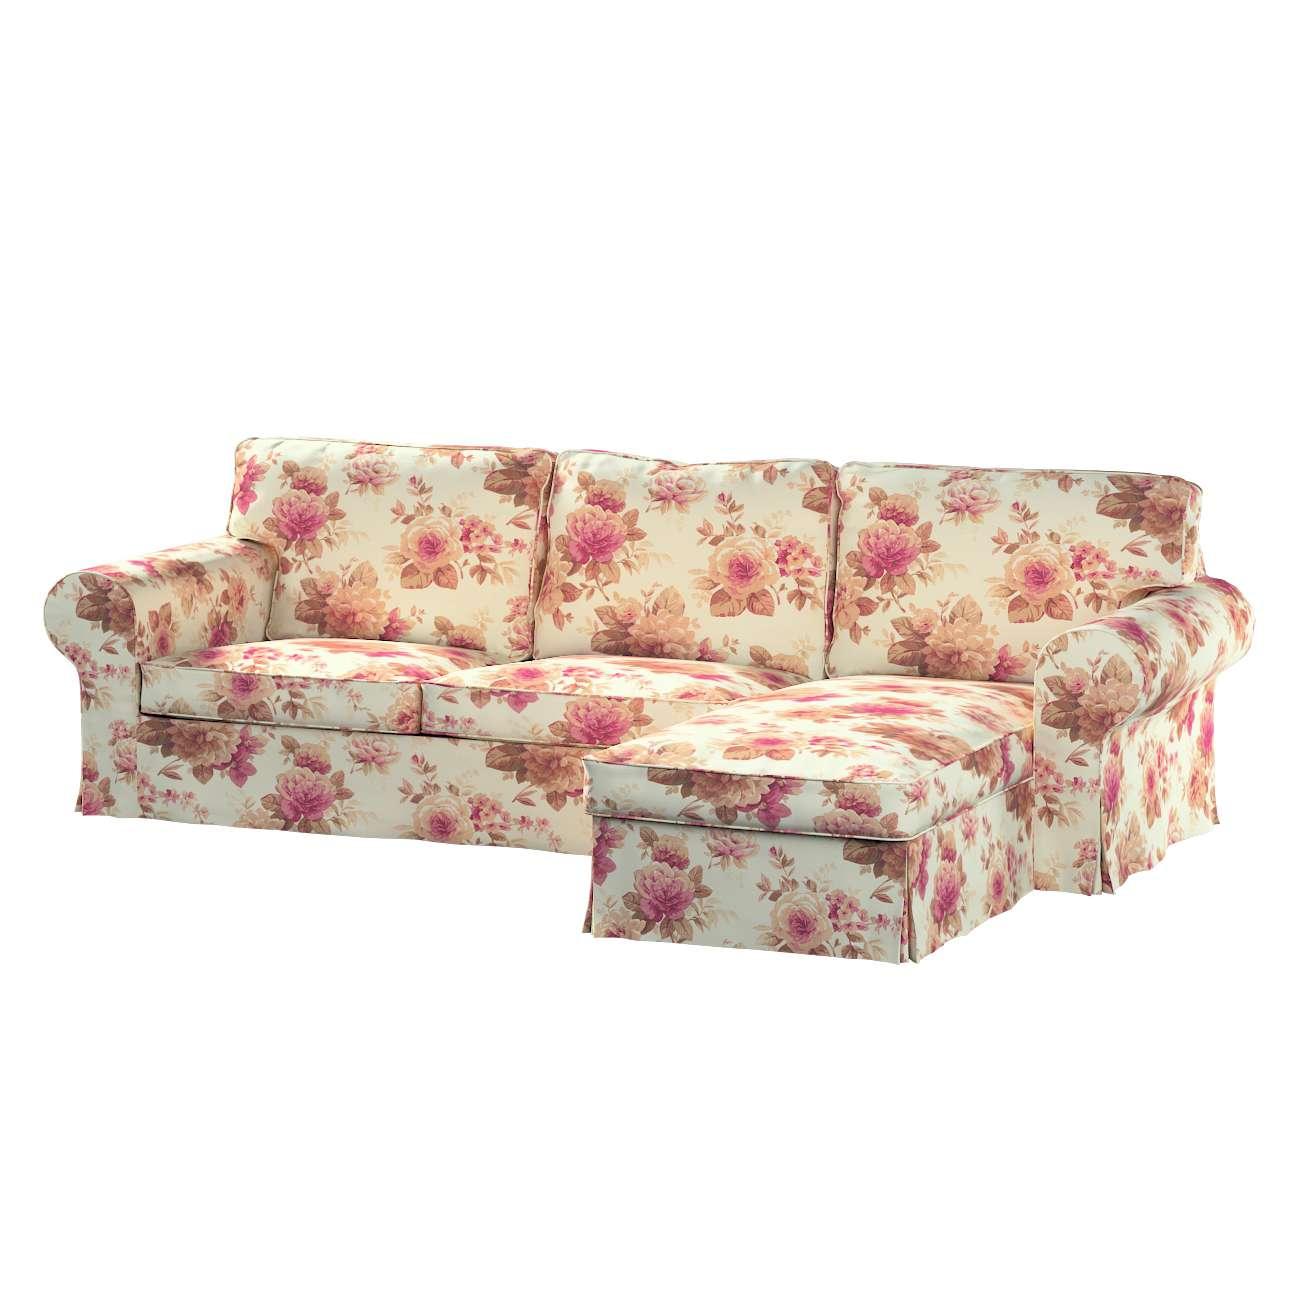 Pokrowiec na sofę Ektorp 2-osobową i leżankę sofa ektorp 2-os. i leżanka w kolekcji Mirella, tkanina: 141-06